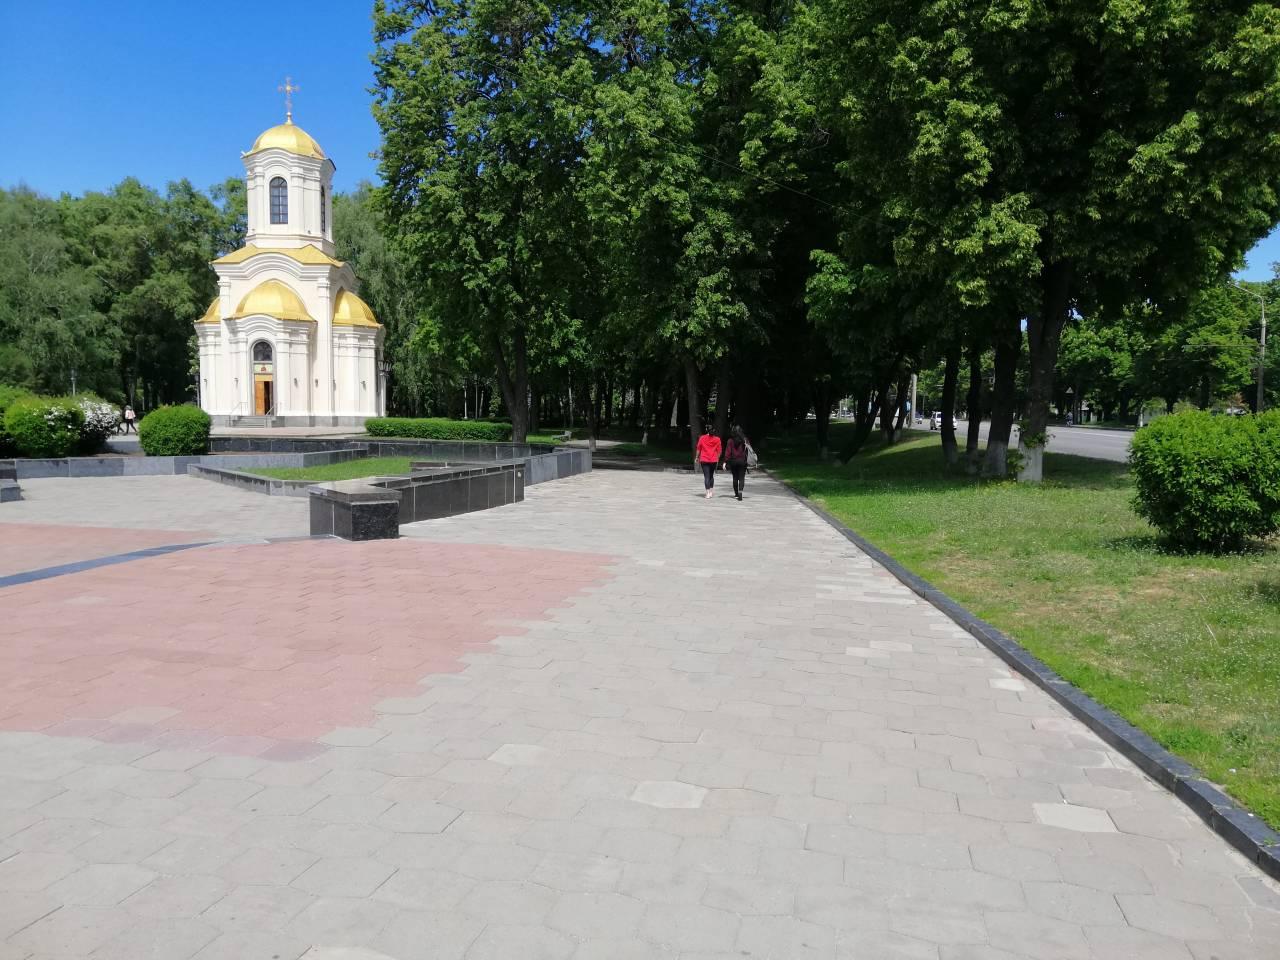 Сквер імені Котляревського. Замінили 540 кв.м. плитки, зробили зливи для води.